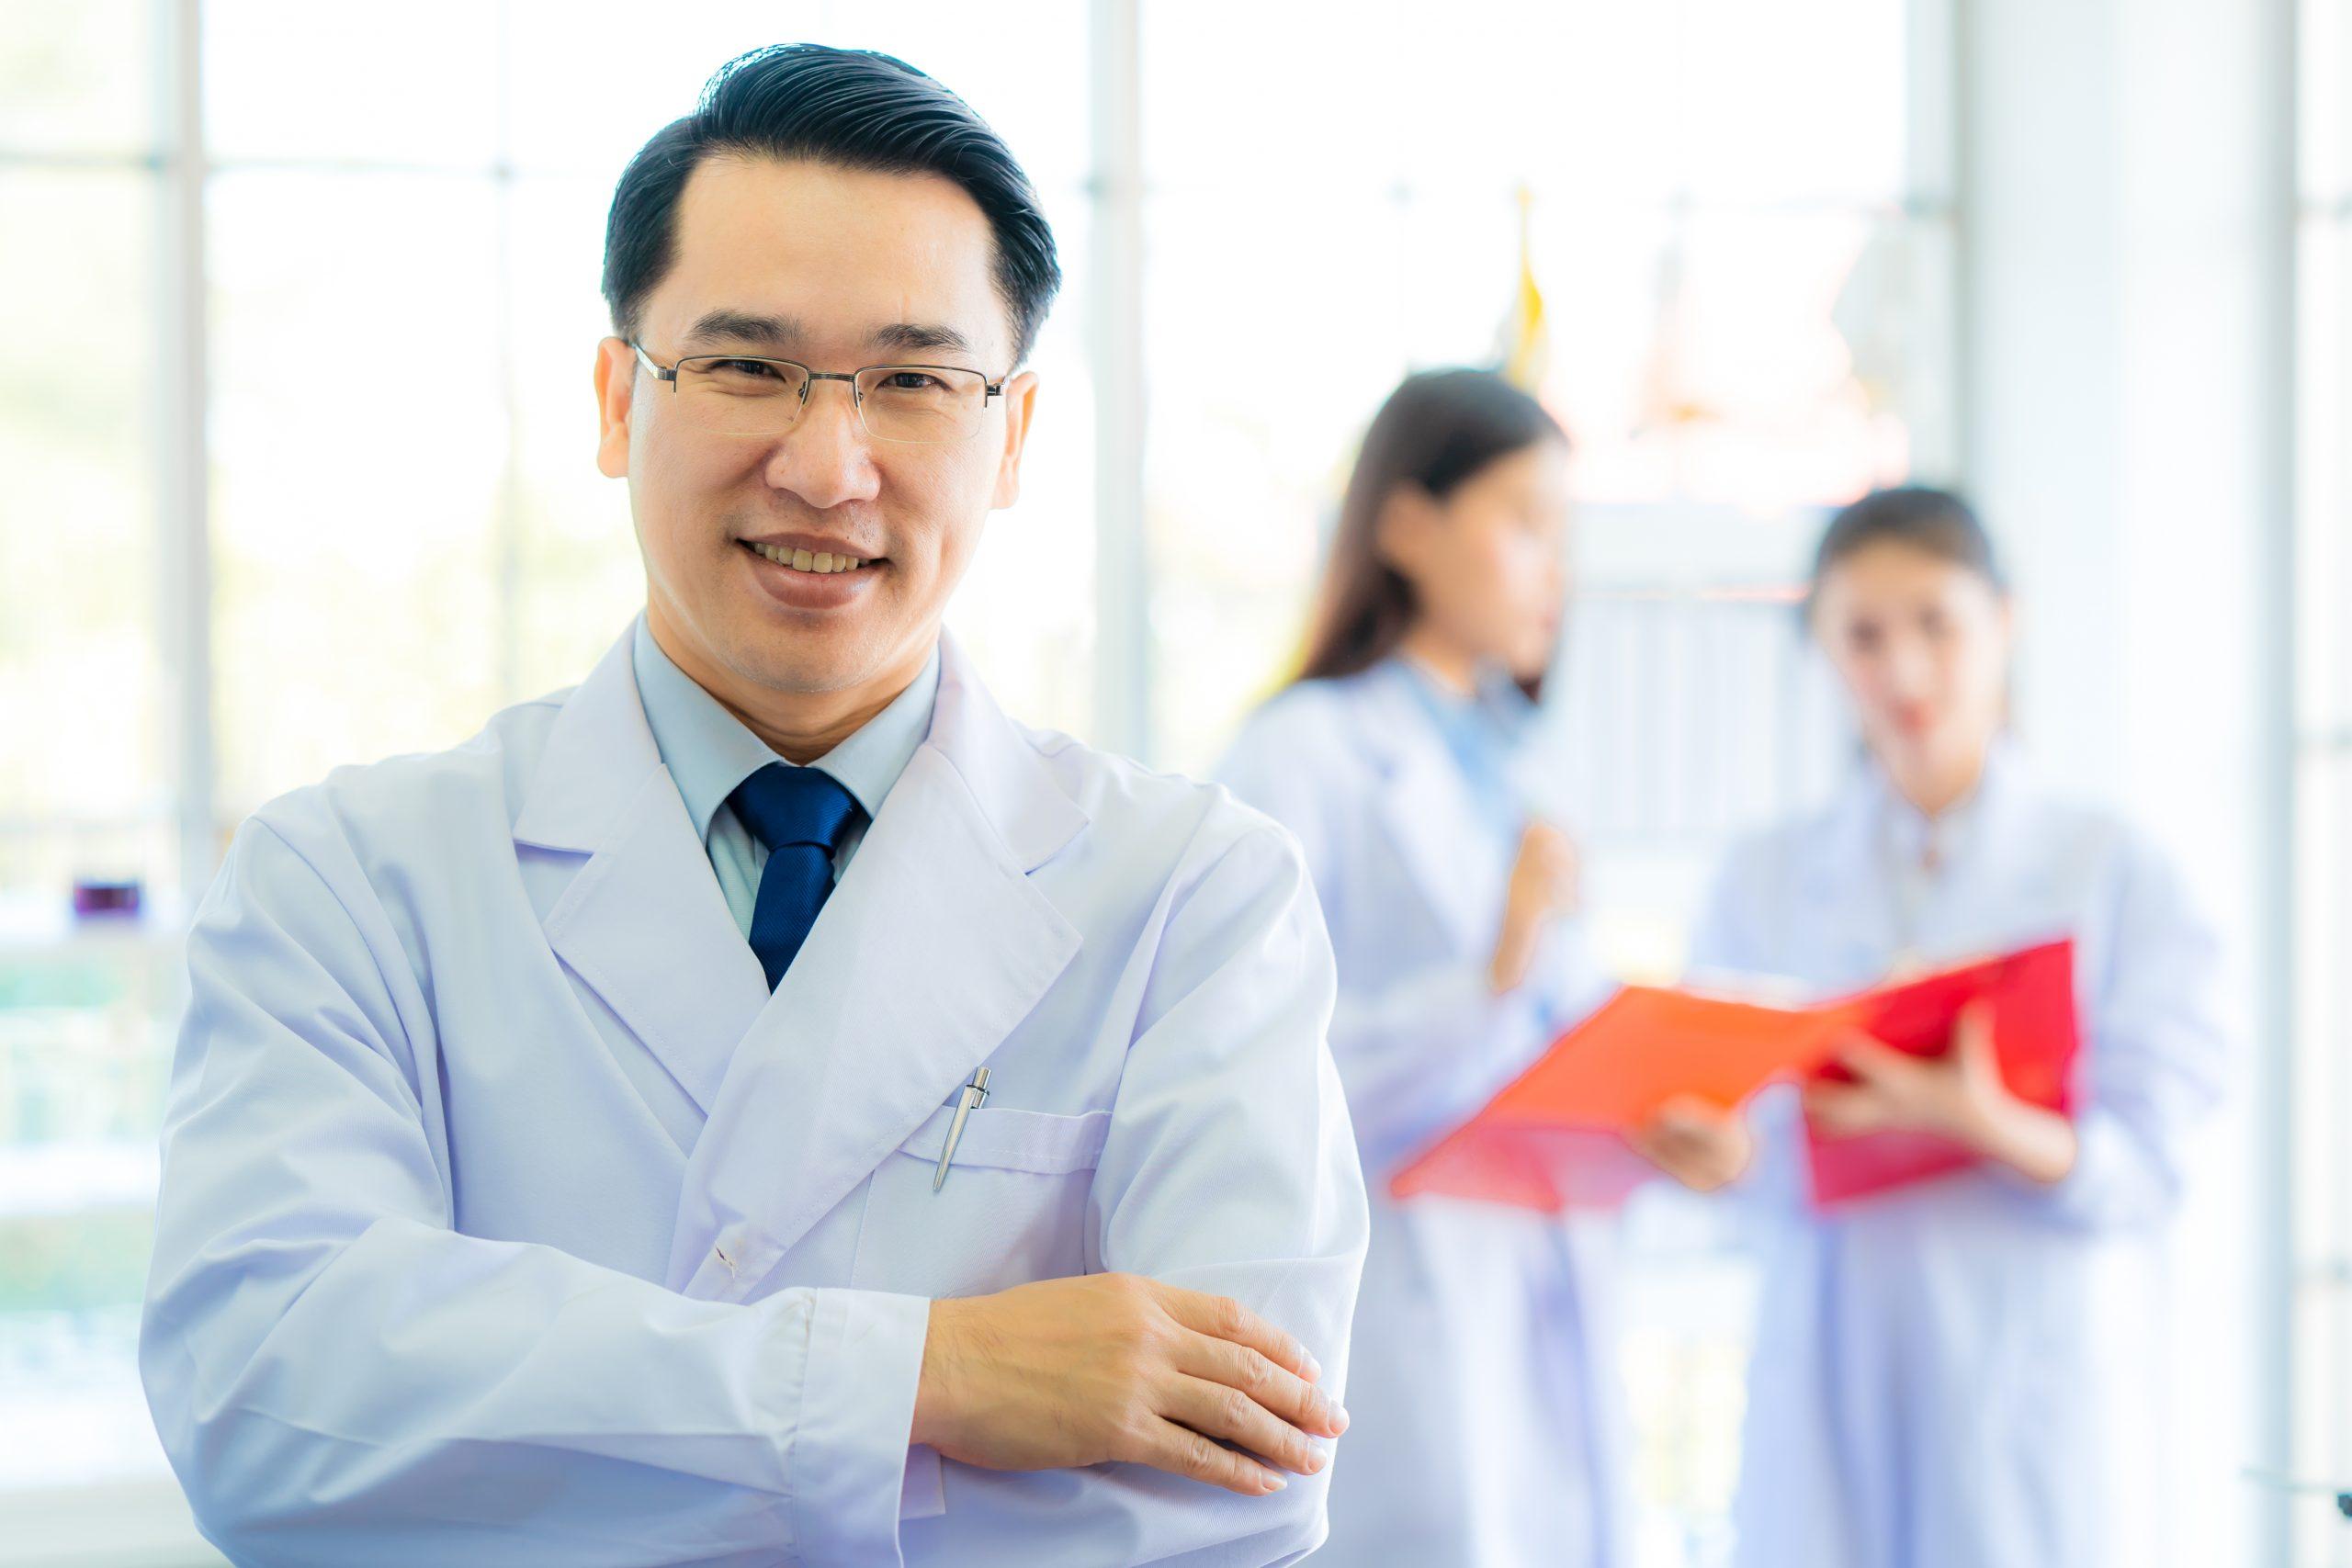 薬学部の研究職は狭き門?開発職との違いや業務内容、年収とは | お ...